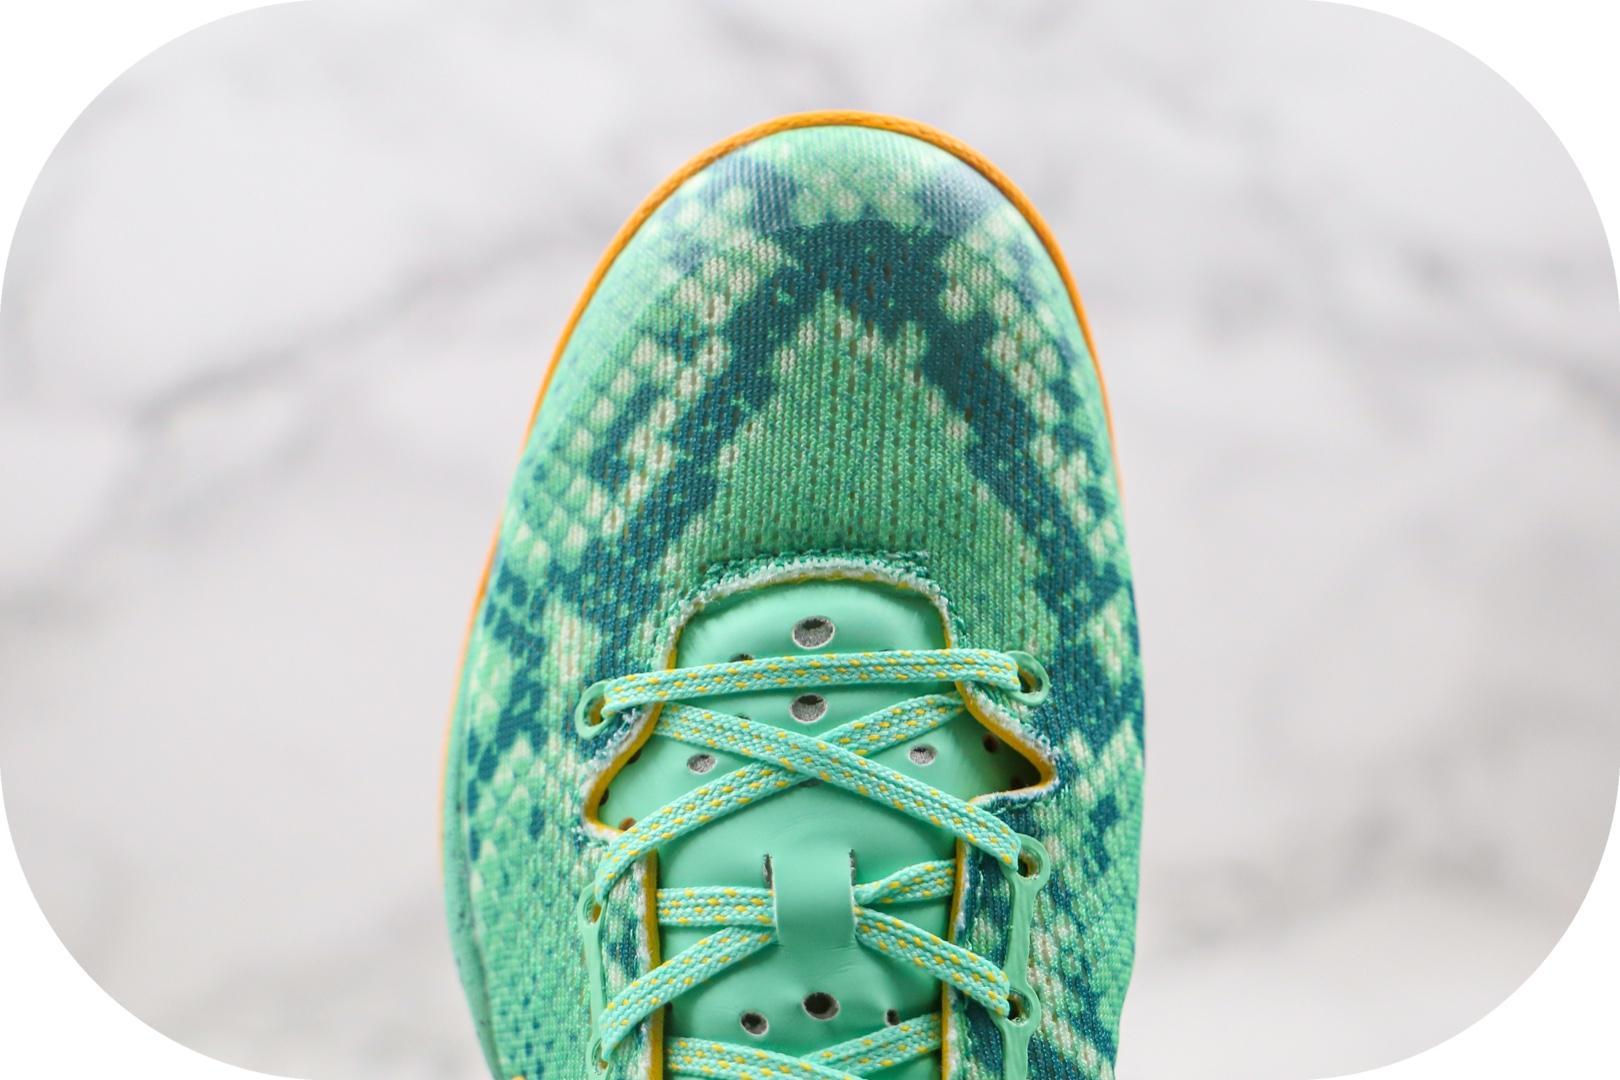 耐克Nike Kobe 8 System纯原版本科比8代黄绿色篮球鞋原档案数据开发原盒原标 货号:555035-304